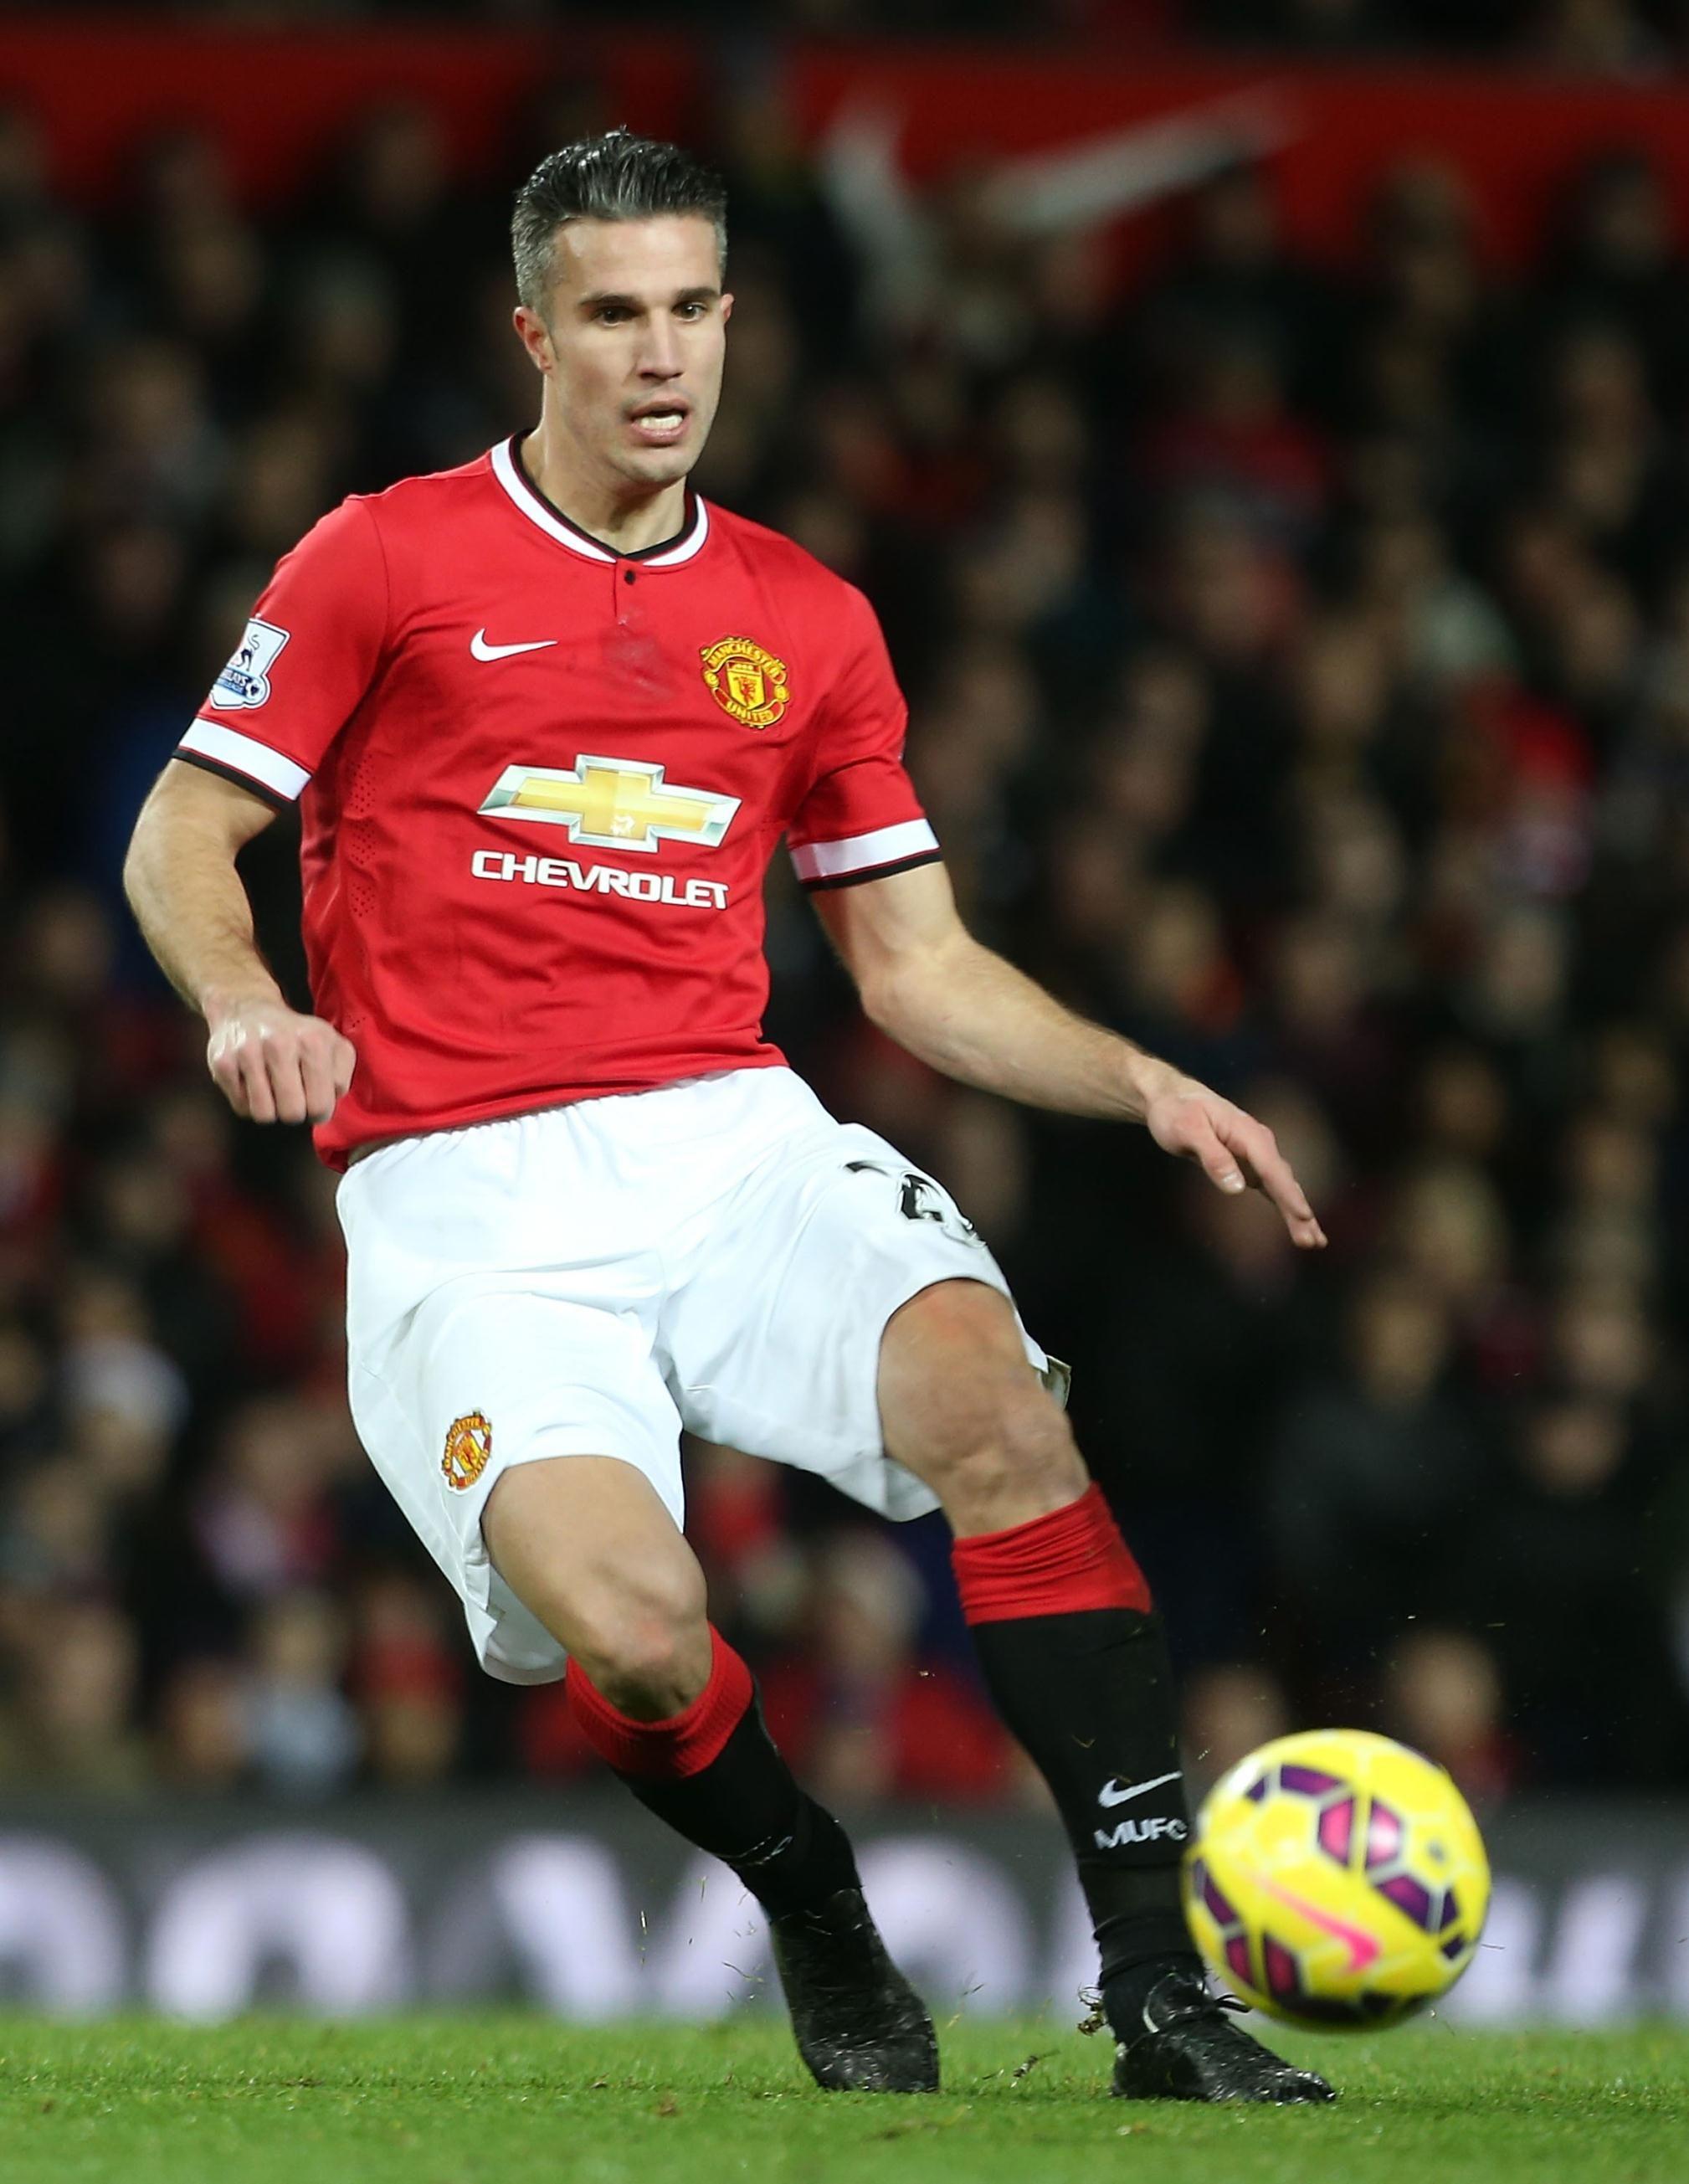 Manchester United striker Robin van Persie is closer to